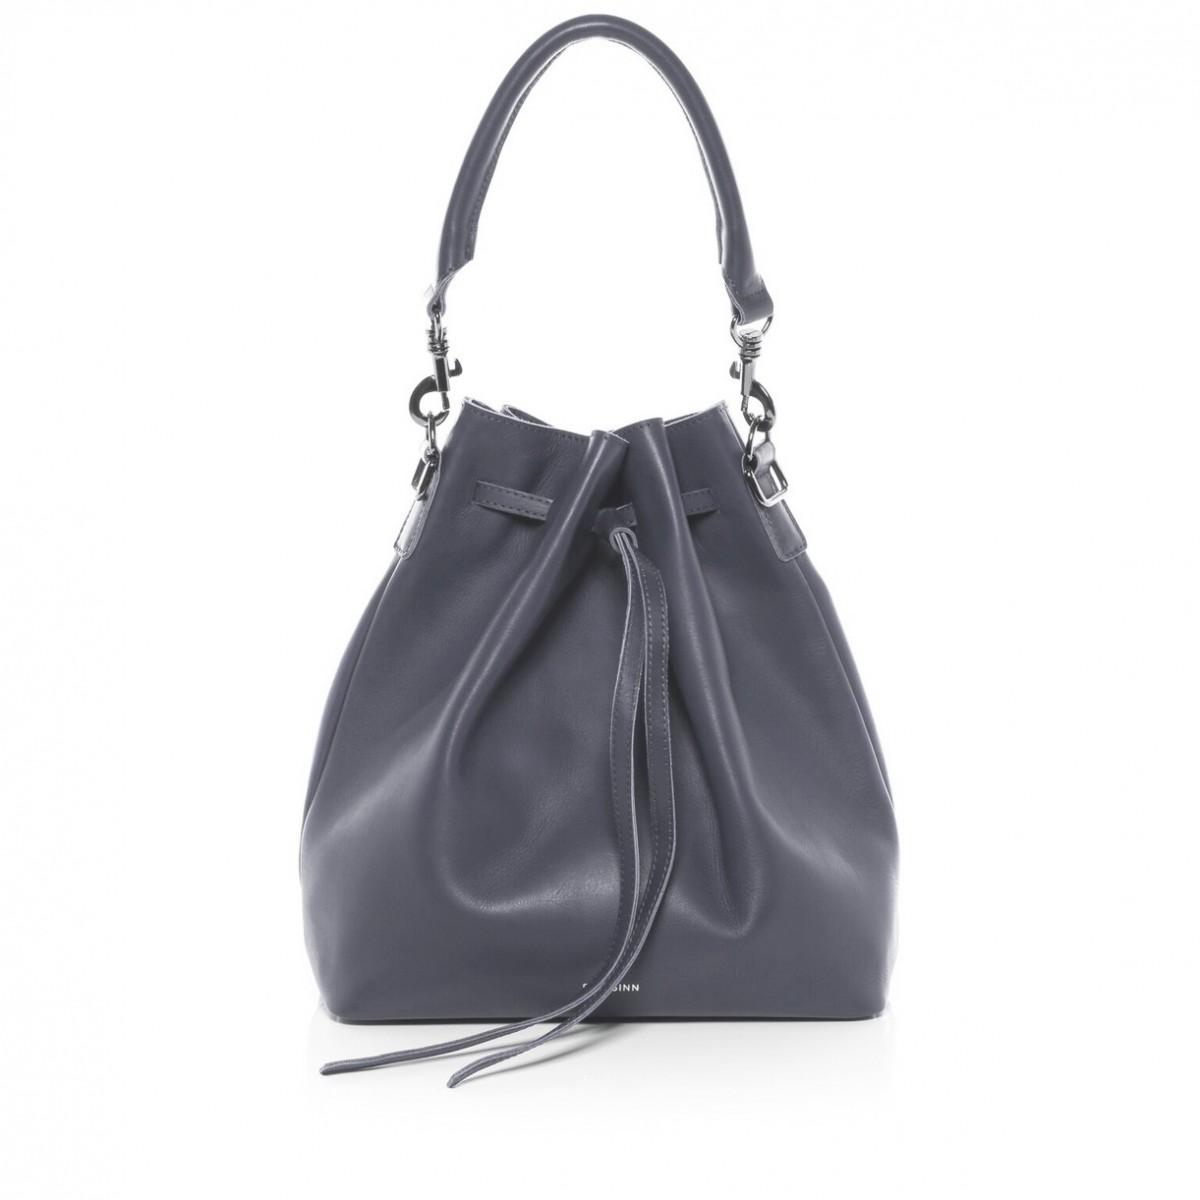 Blautöne Farbpalette: Welche Tasche Passt Zu Deinem Typ?